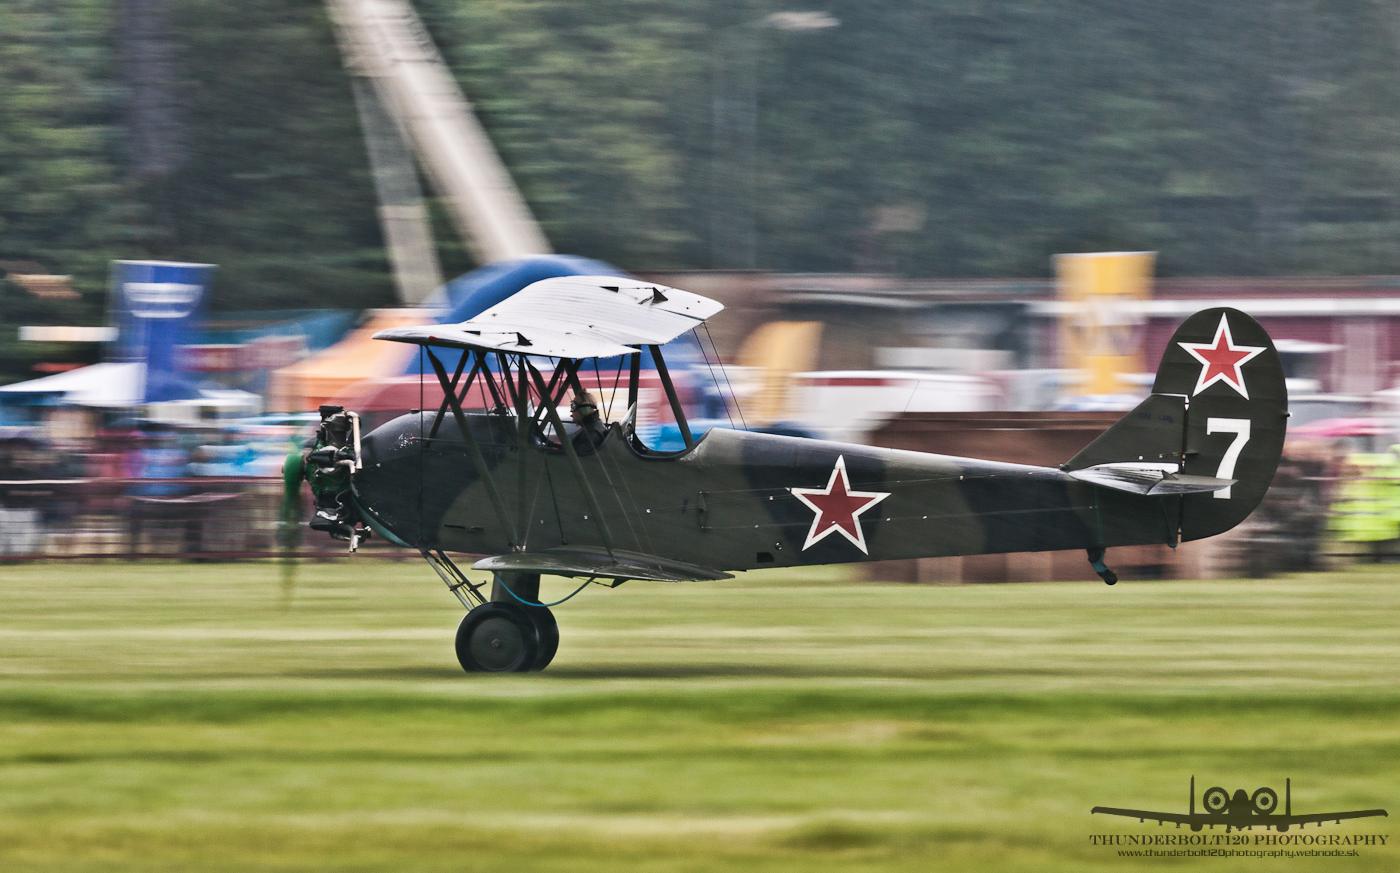 Polikarpov PO-2 OM-LML